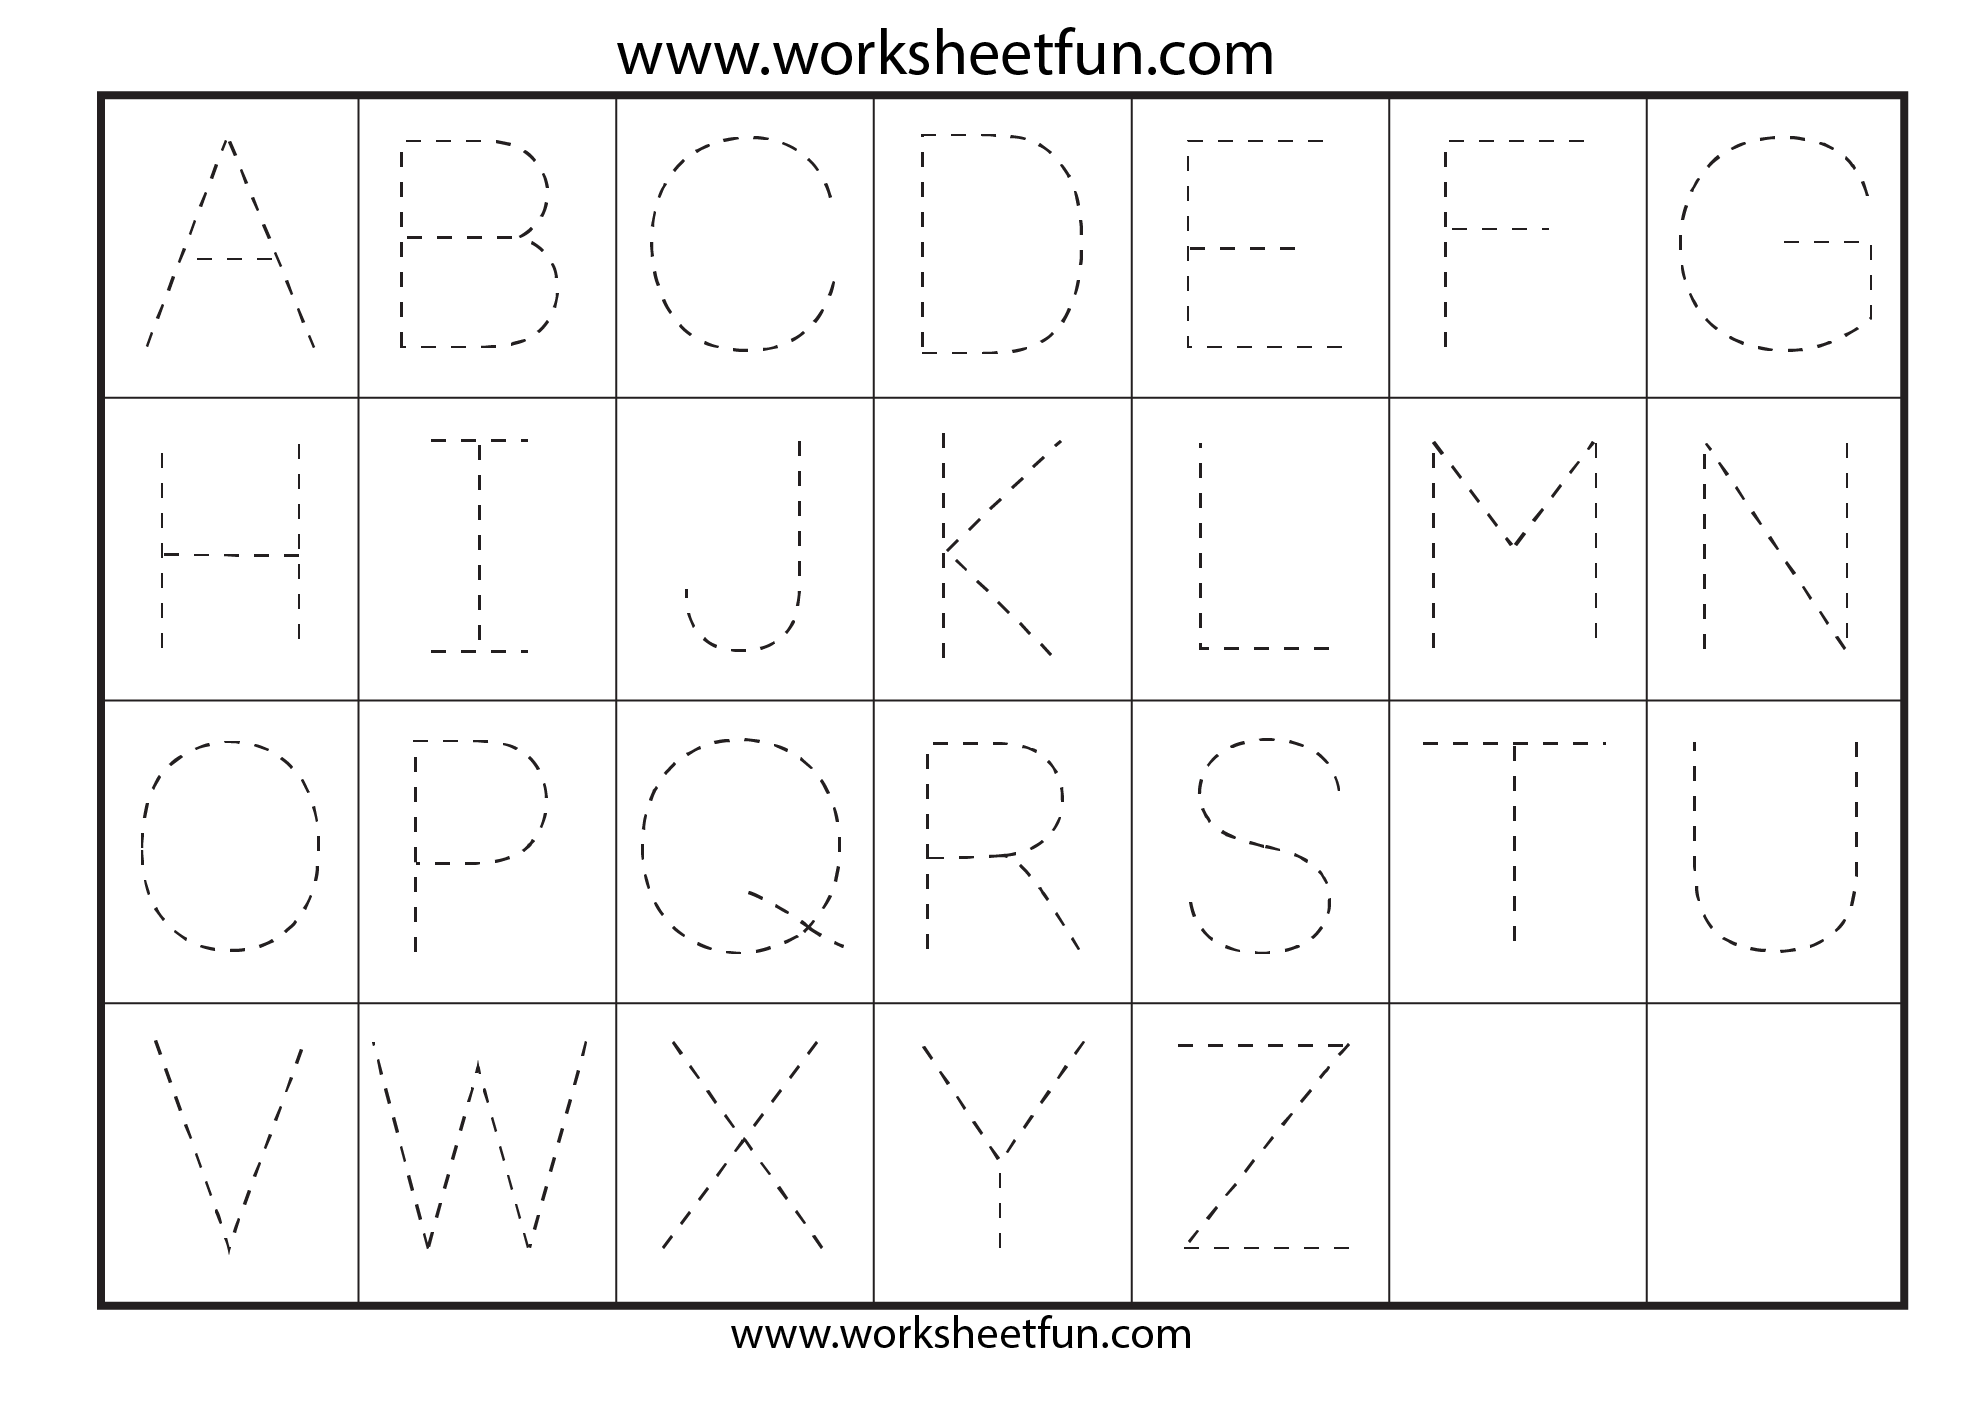 Letter Tracing Worksheets For Kindergarten - Capital Letters